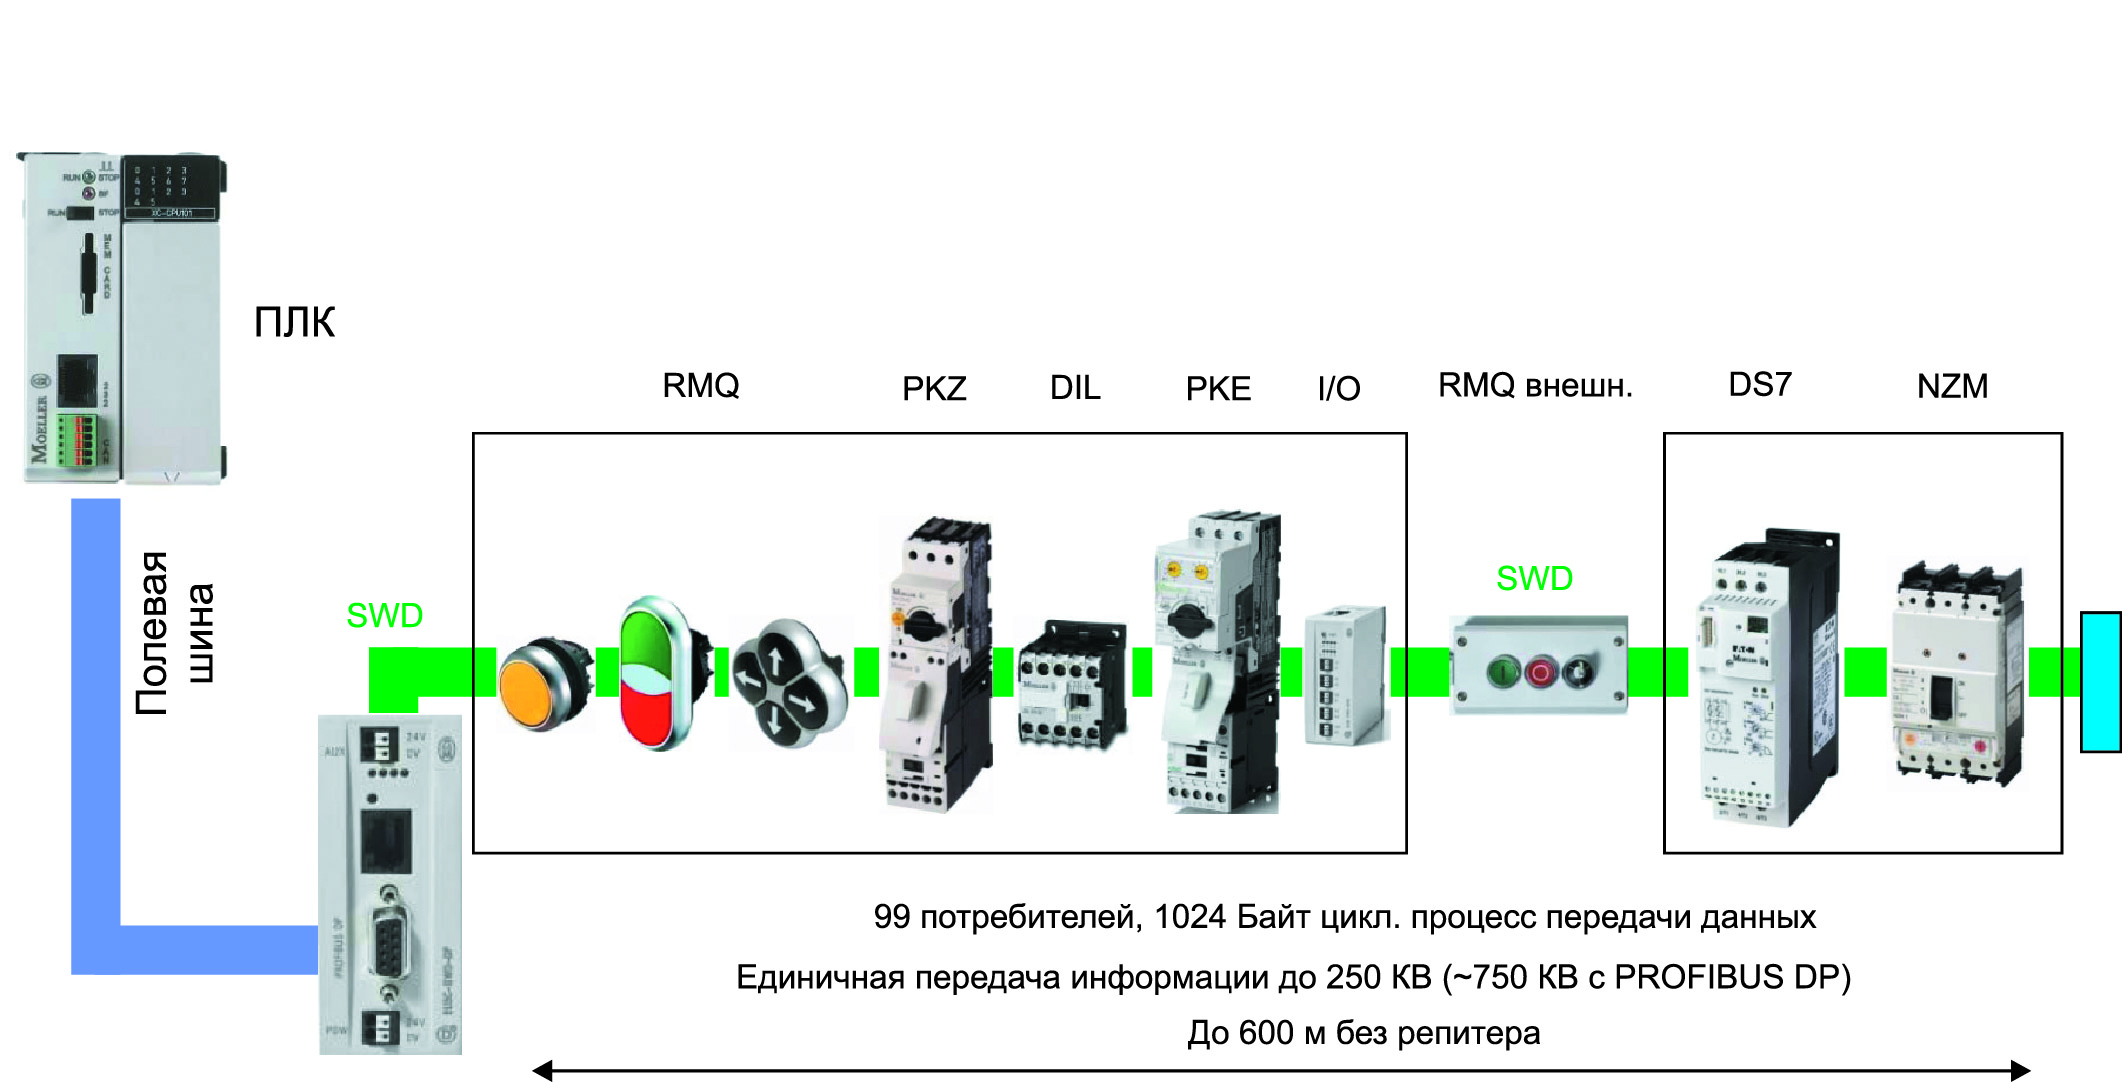 Базовая архитектура SmartWire-DT